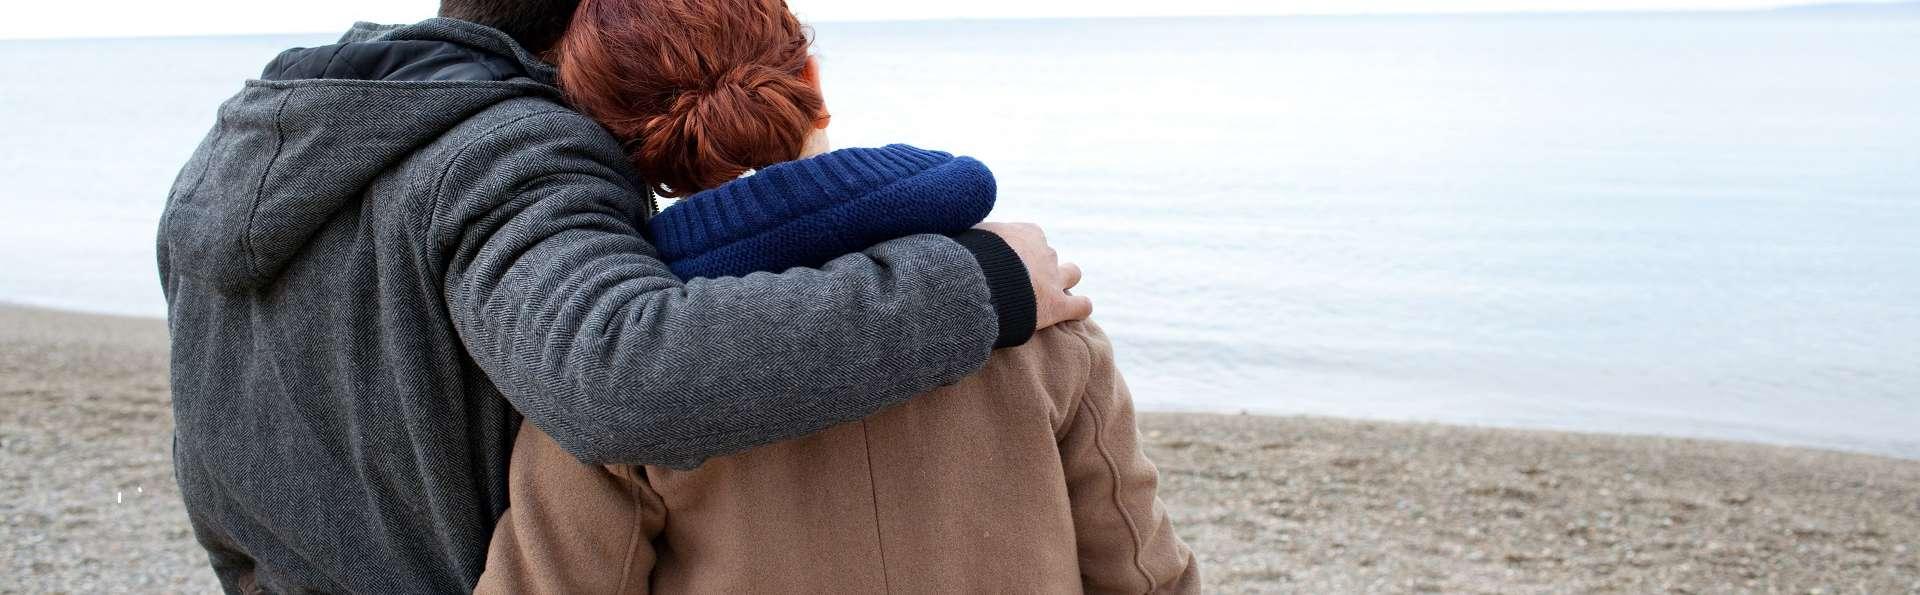 Fêtez la Saint-Valentin au bord de la mer à Ostende avec l'amour de votre vie!